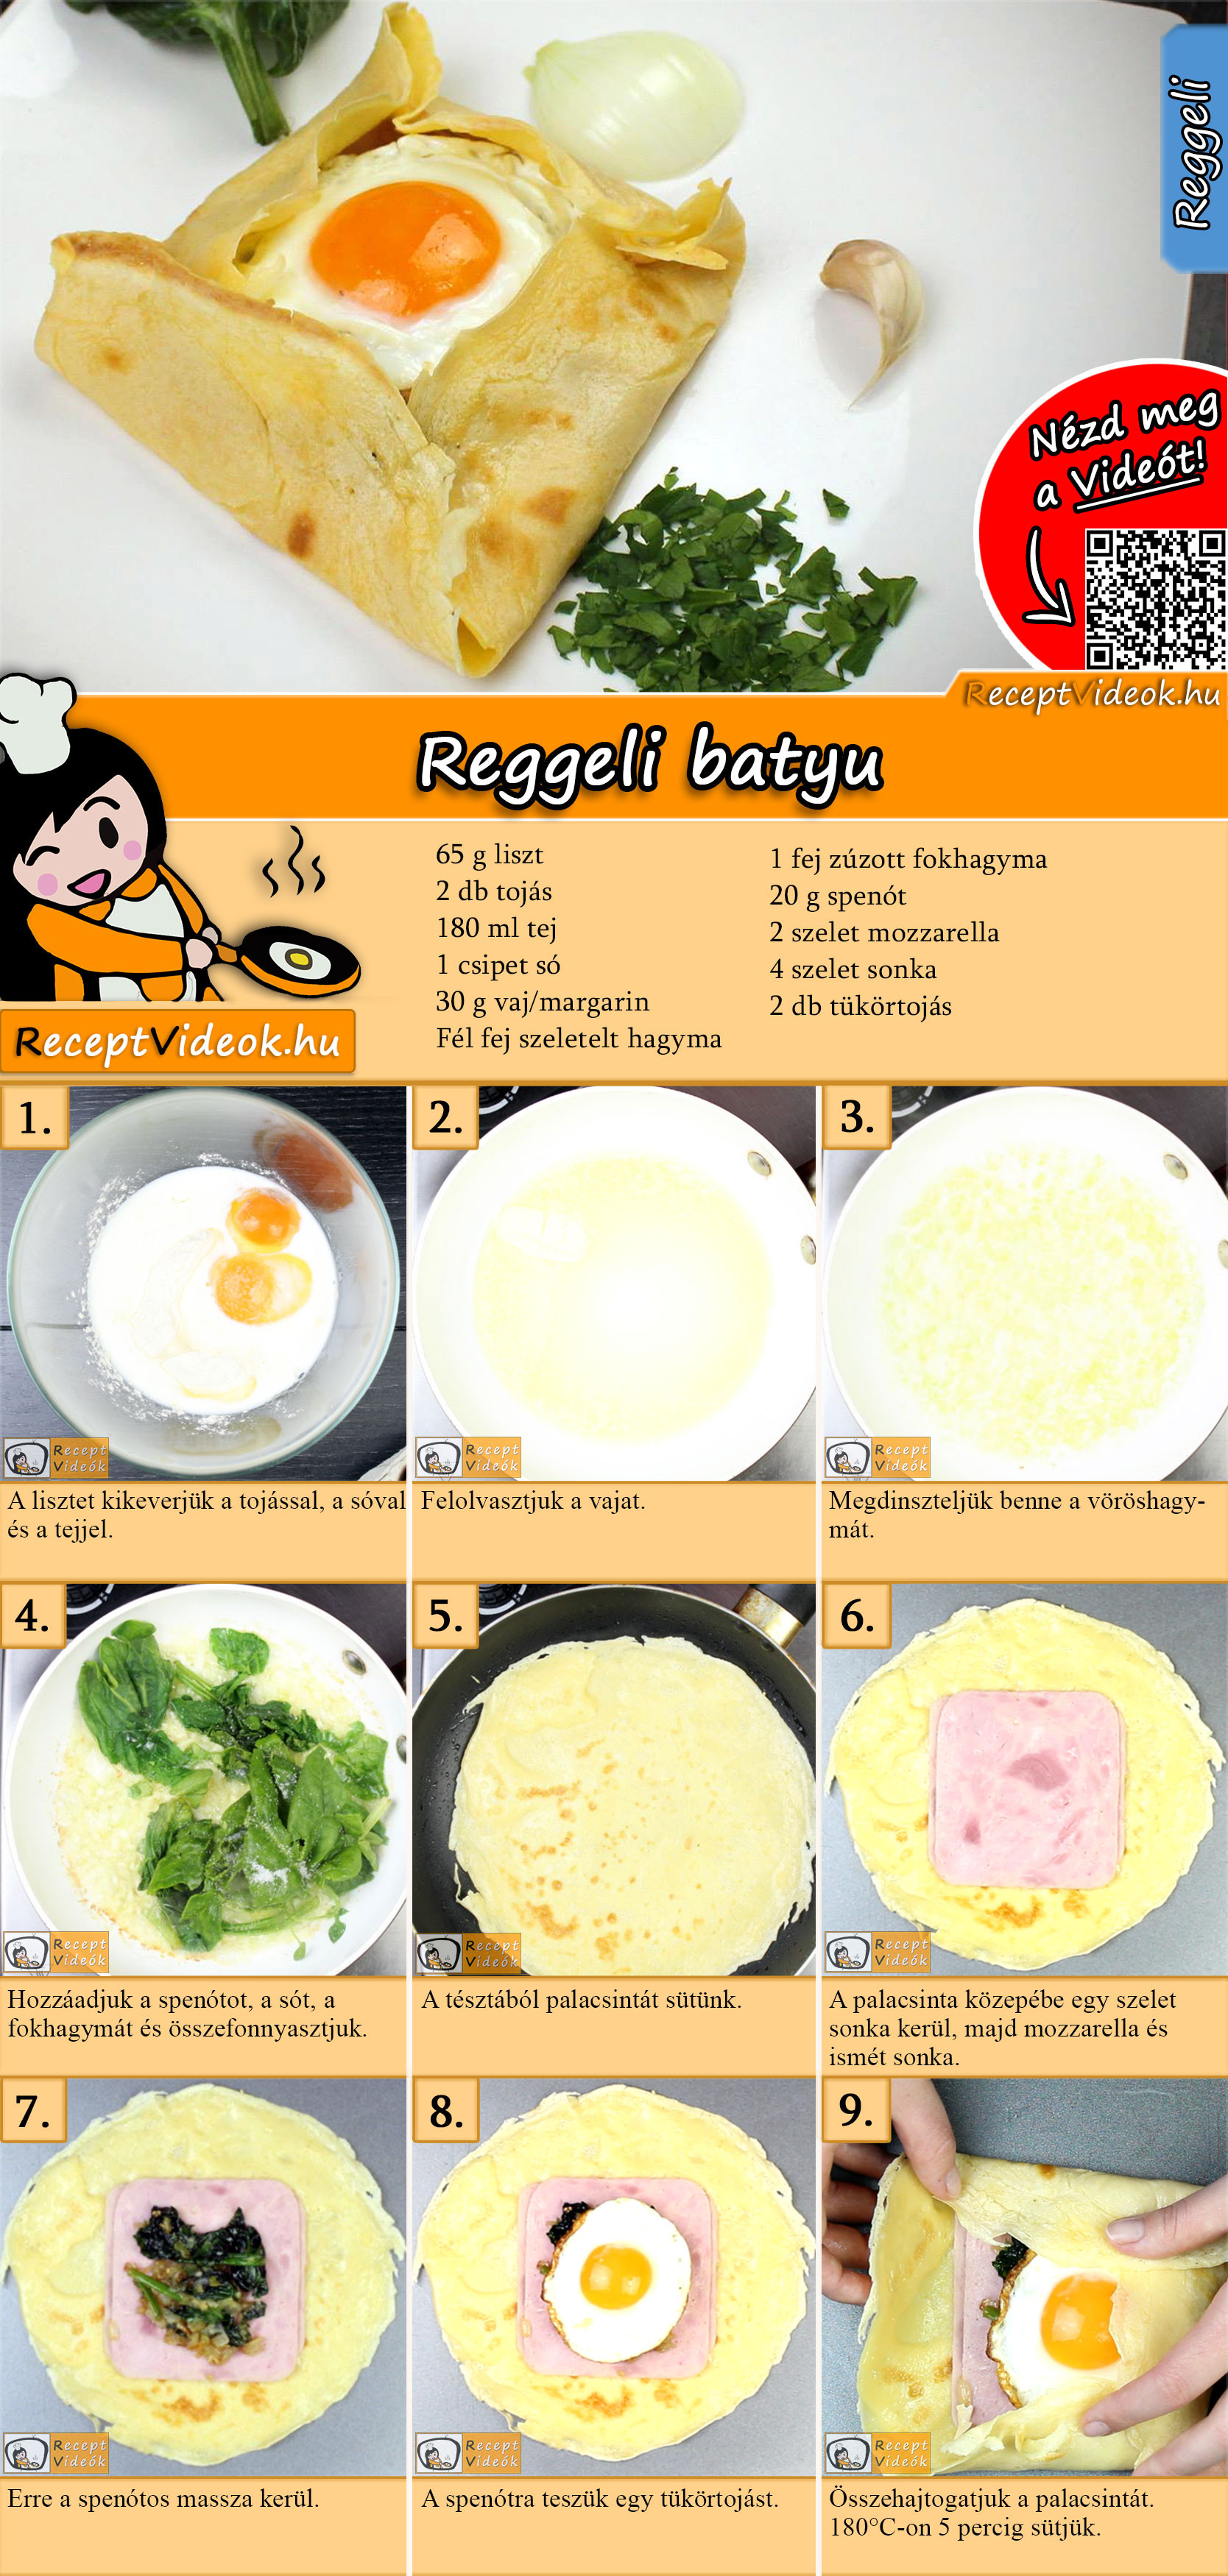 Reggeli batyu recept elkészítése videóval